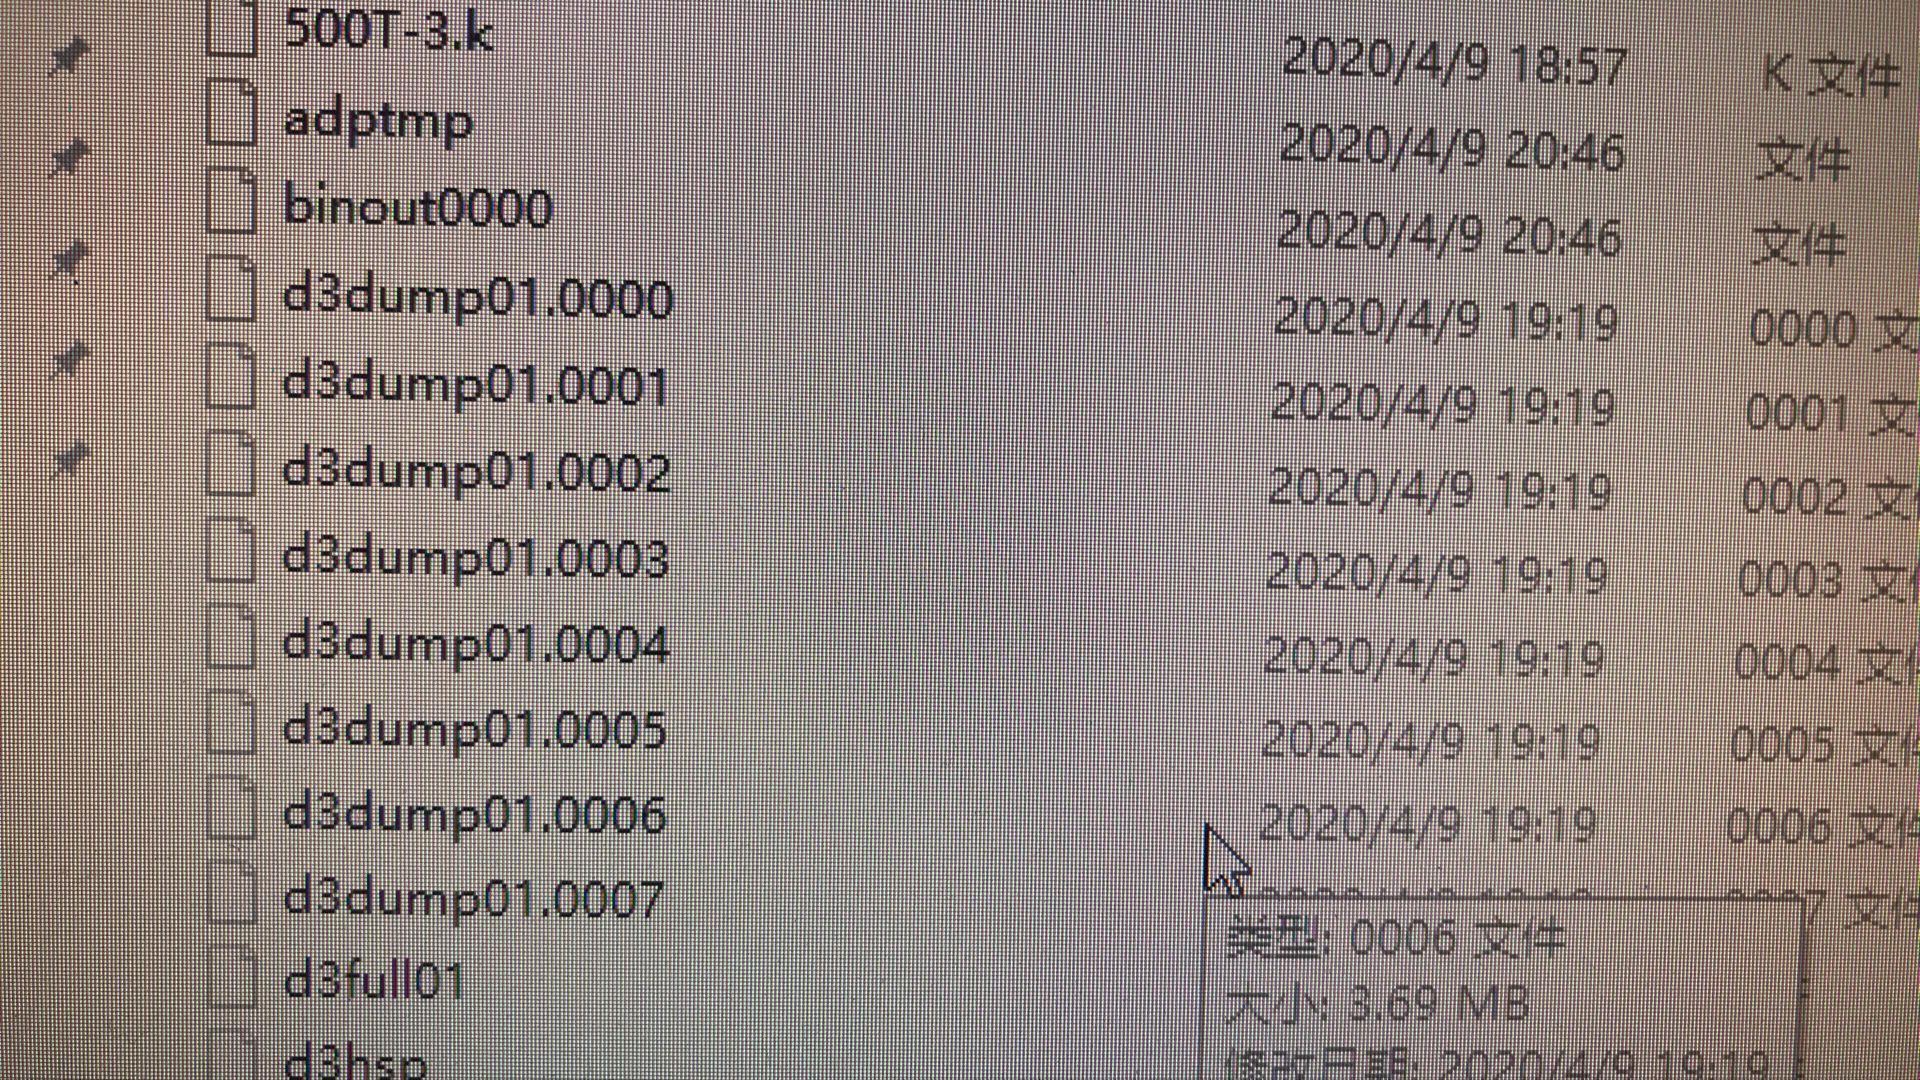 attachments-2020-04-03qb7rqq5e8fb0d1dbf2f.jpeg